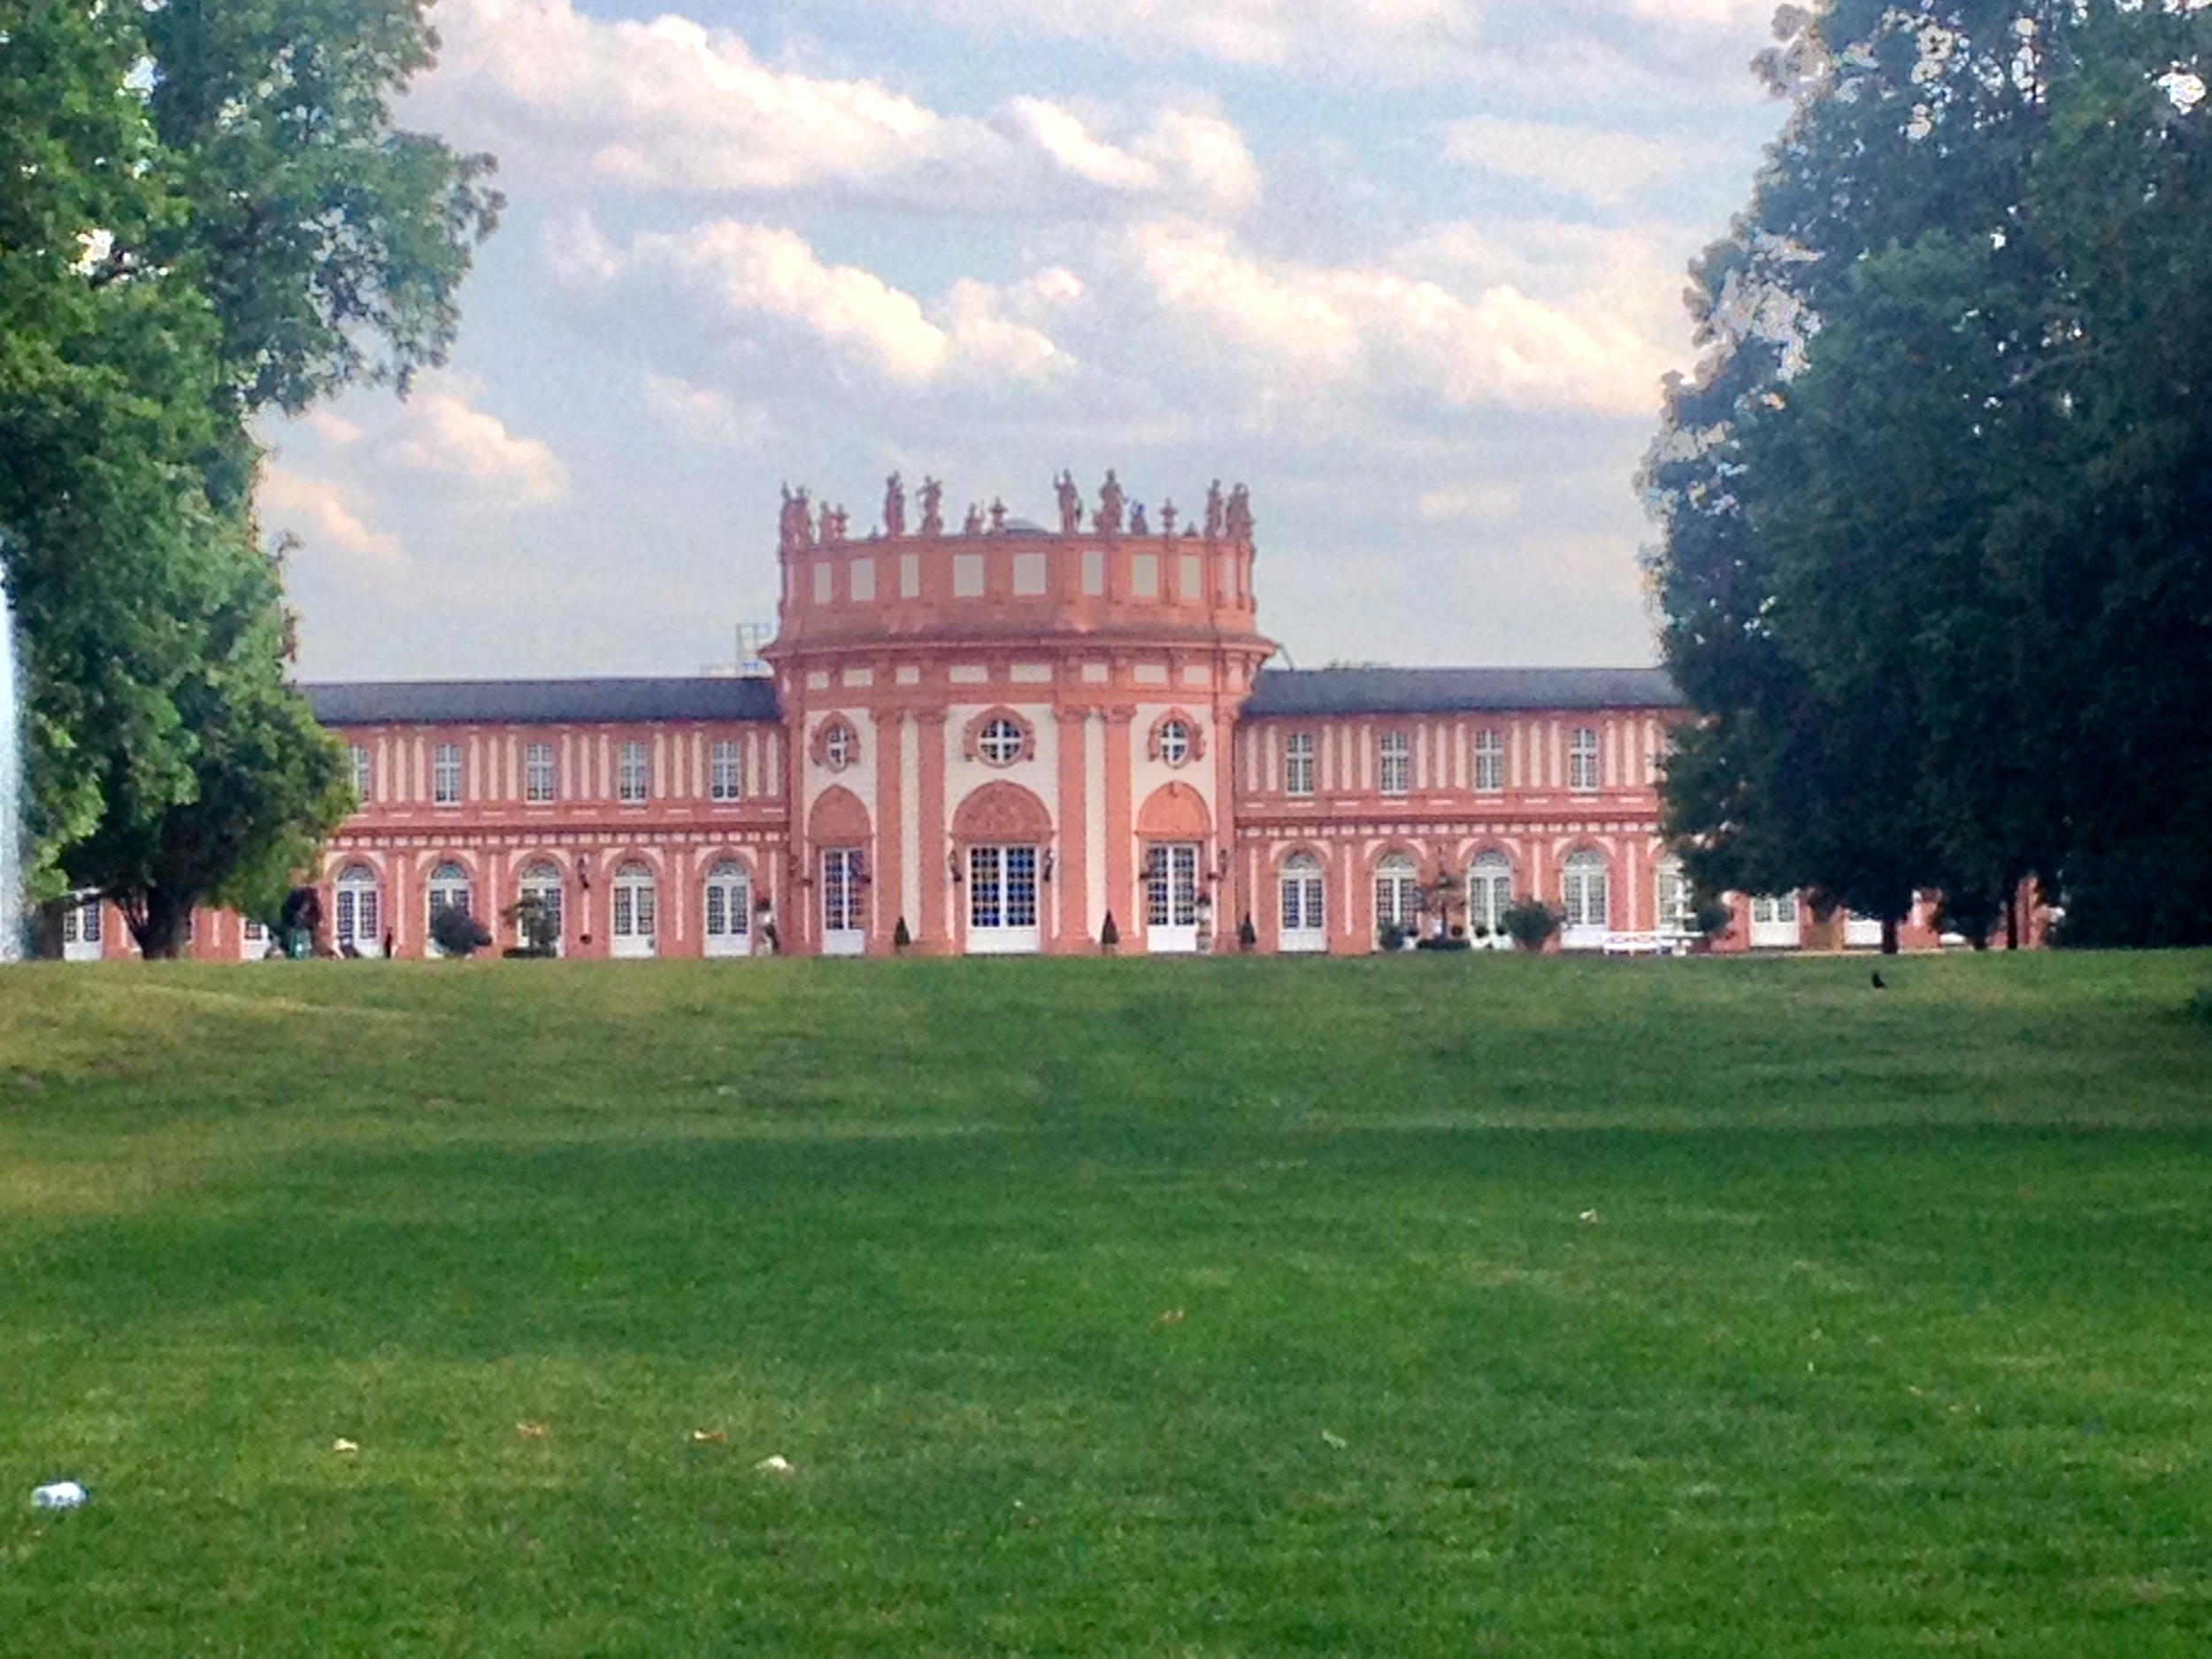 The Schloß (castle) in Wiesbaden